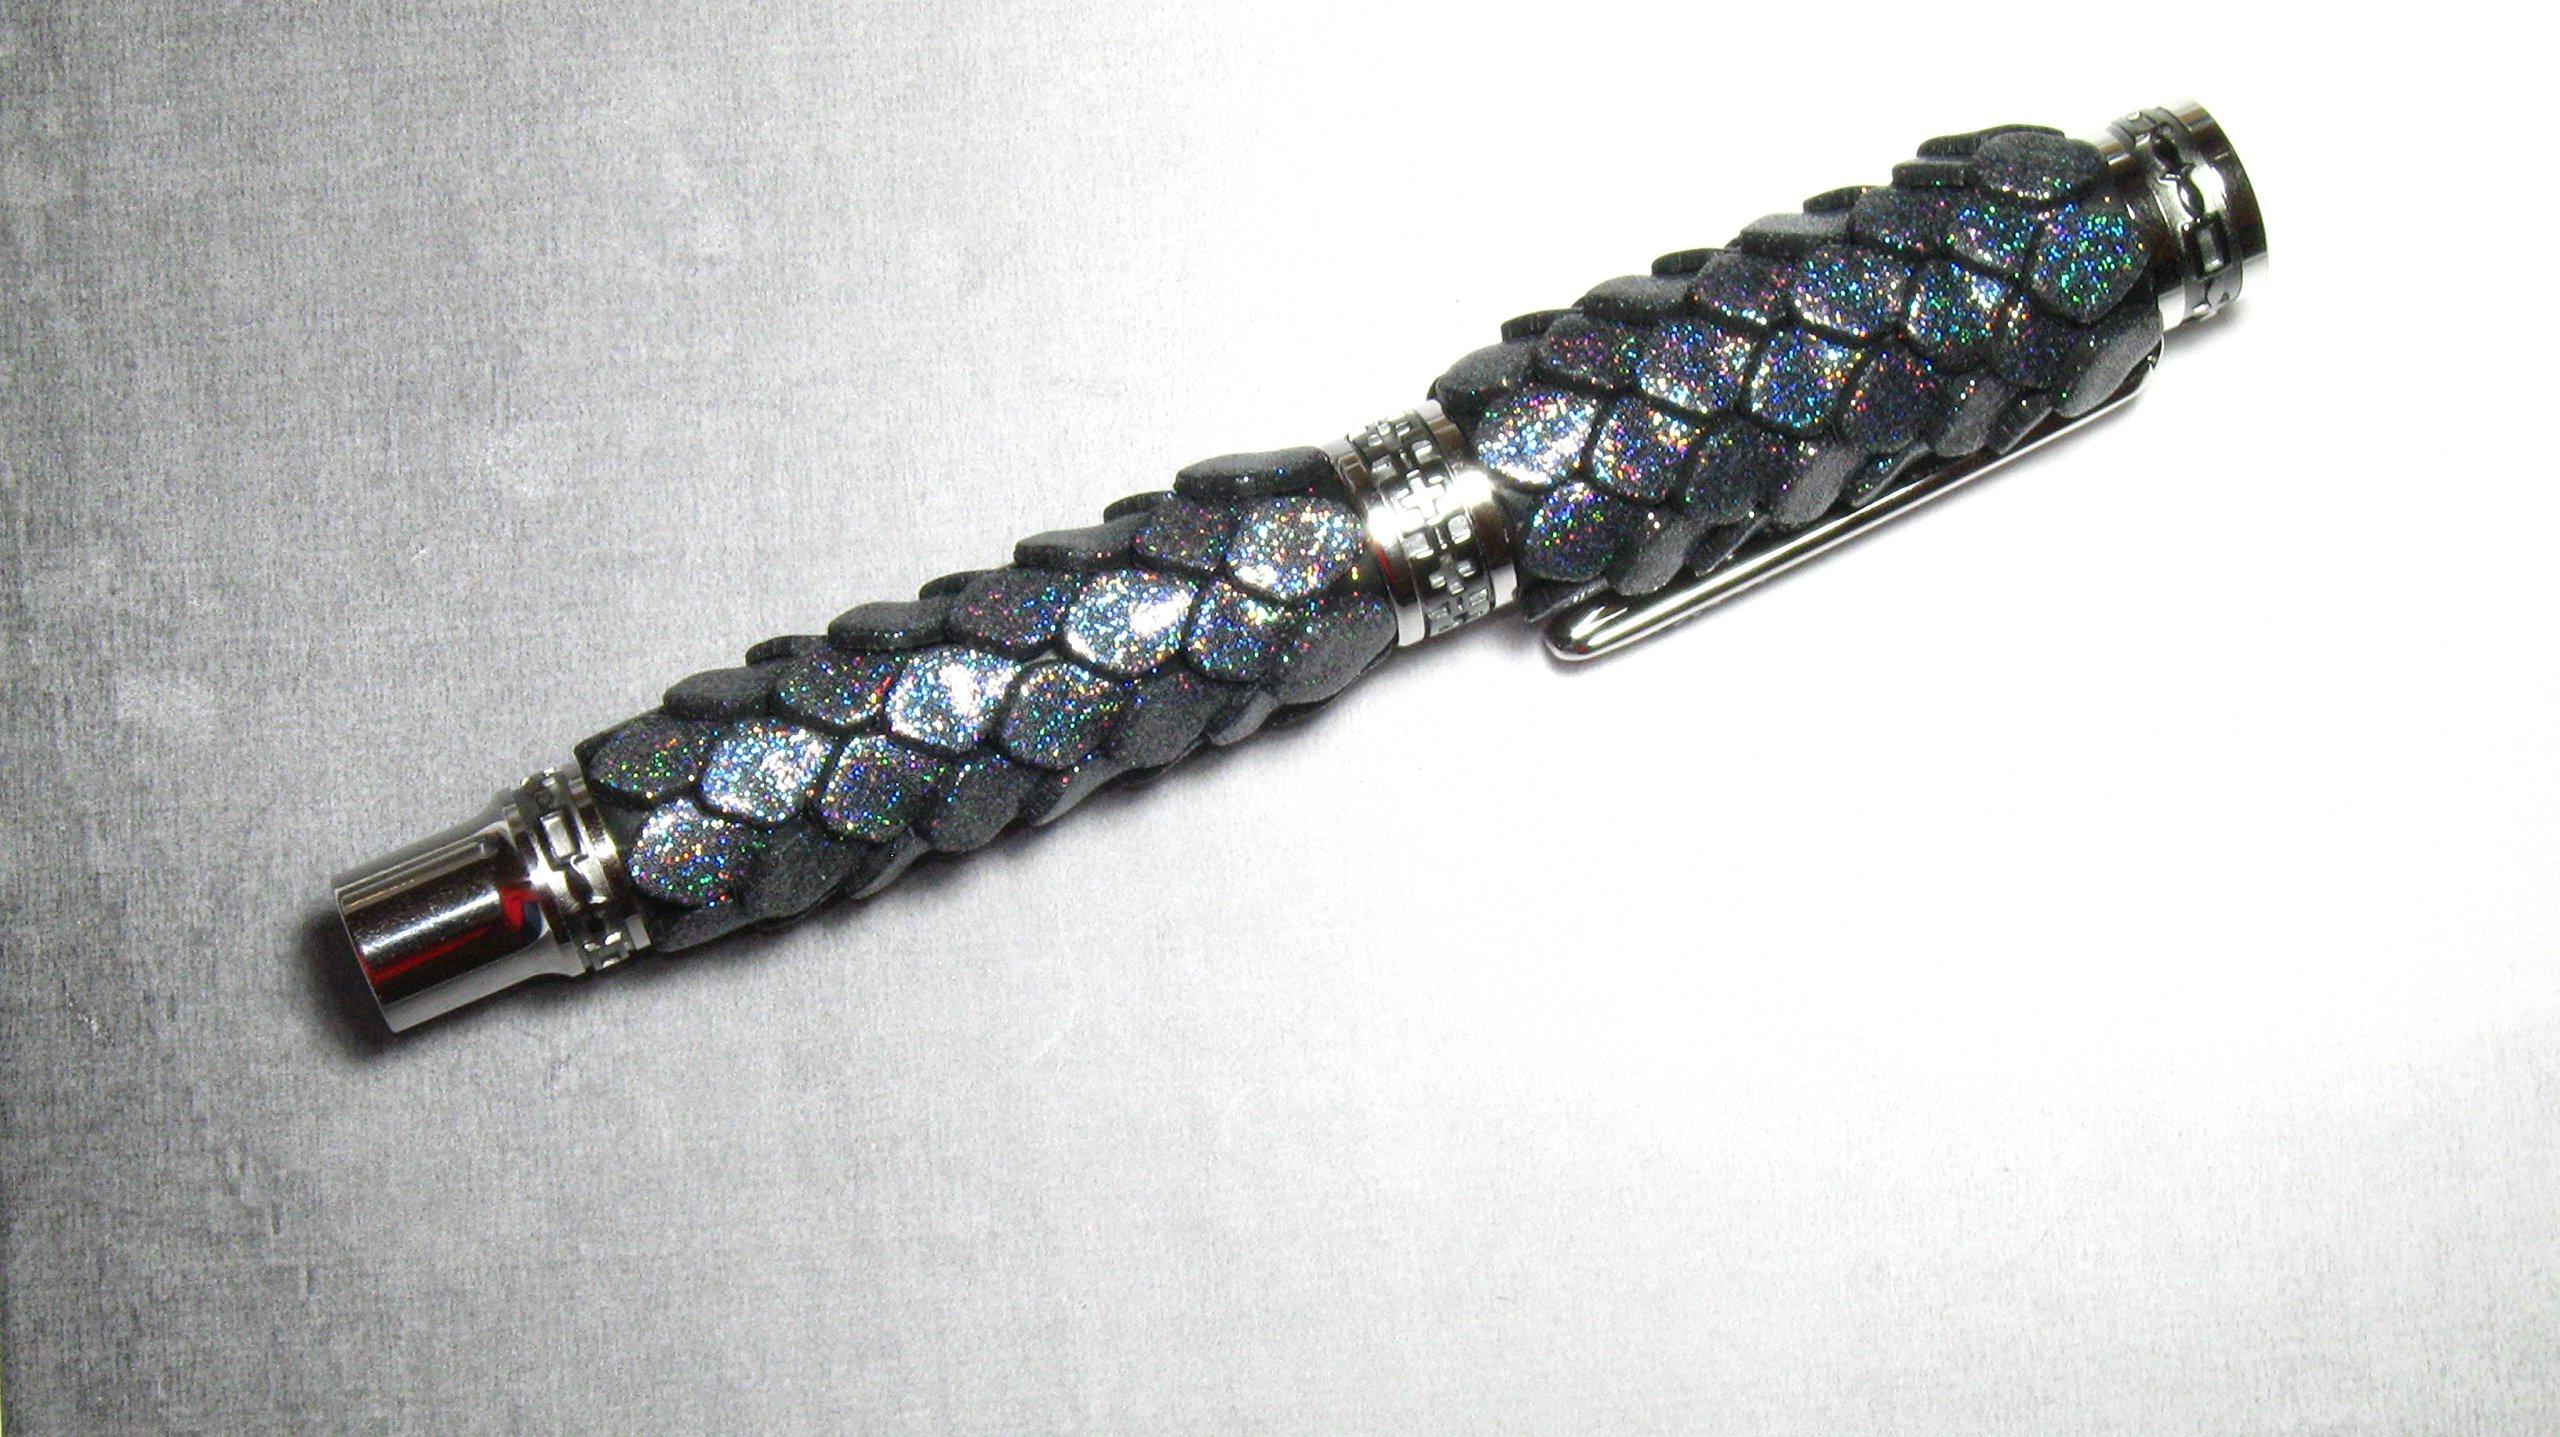 Black Titanium Rhodium Jr Emperor Holo Dragon Scales Rollerball Ink Pen